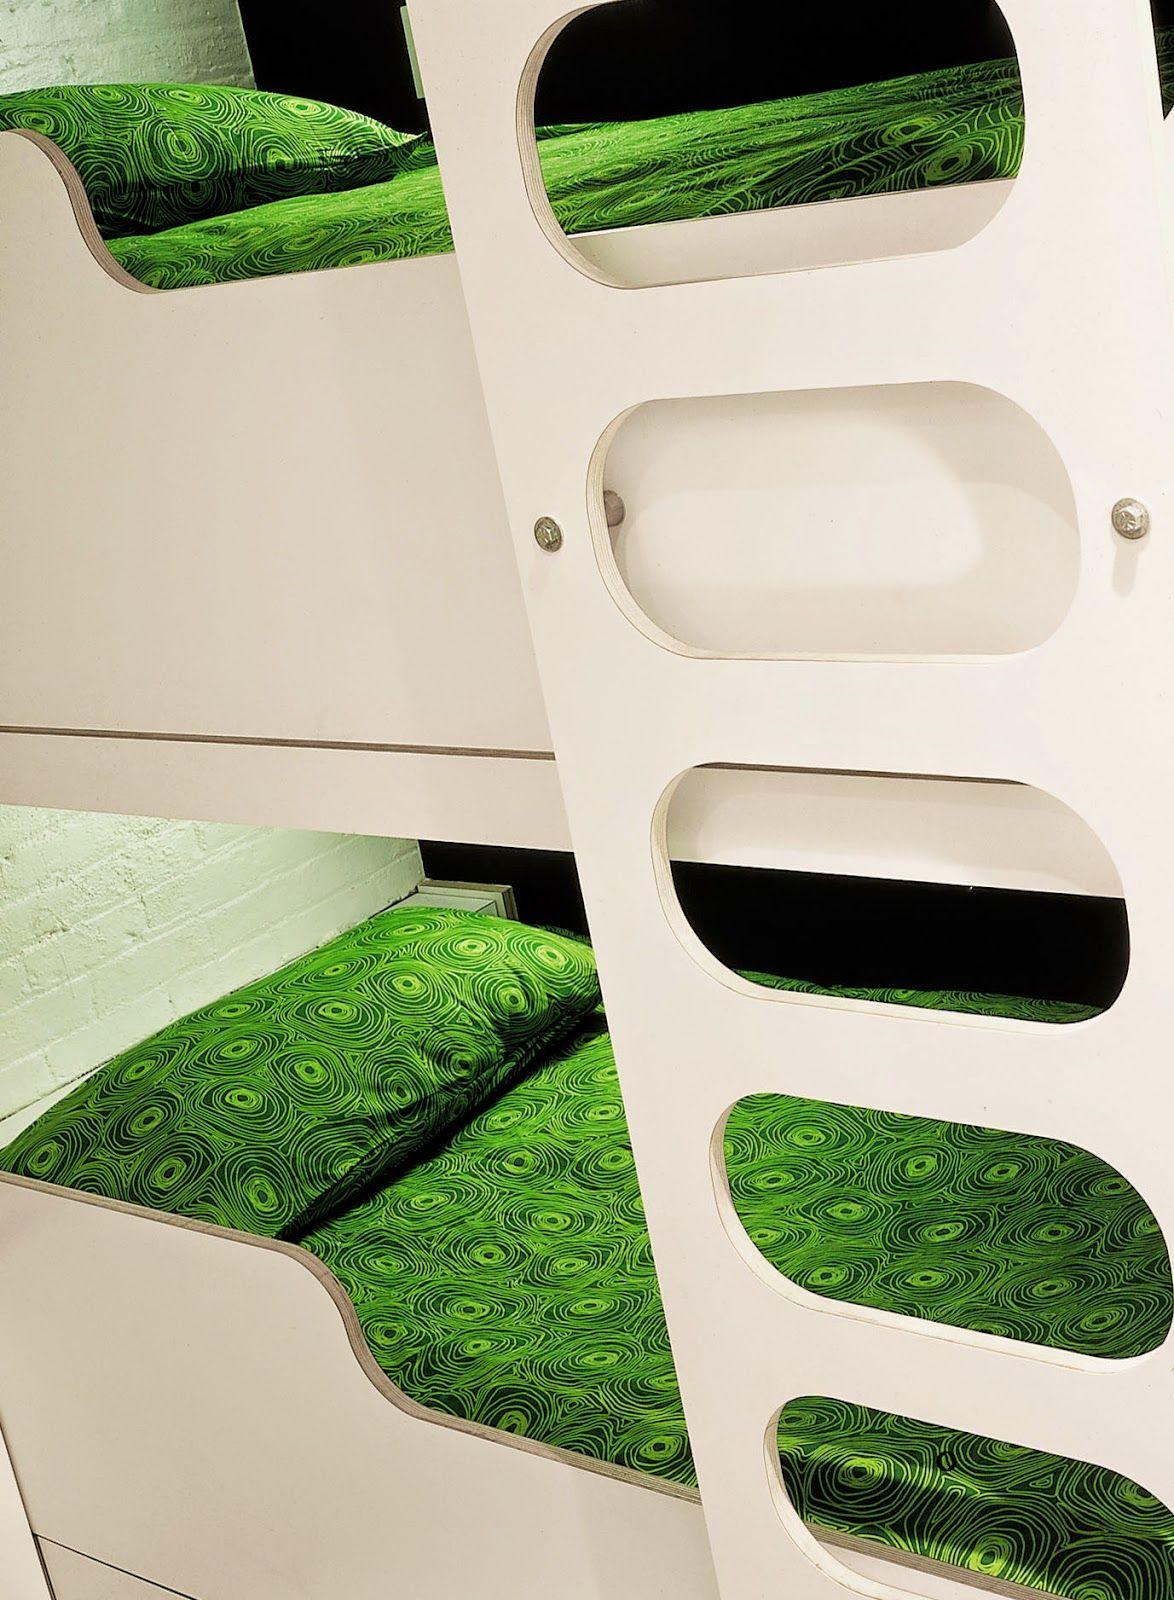 трехъярусная кровать лофт